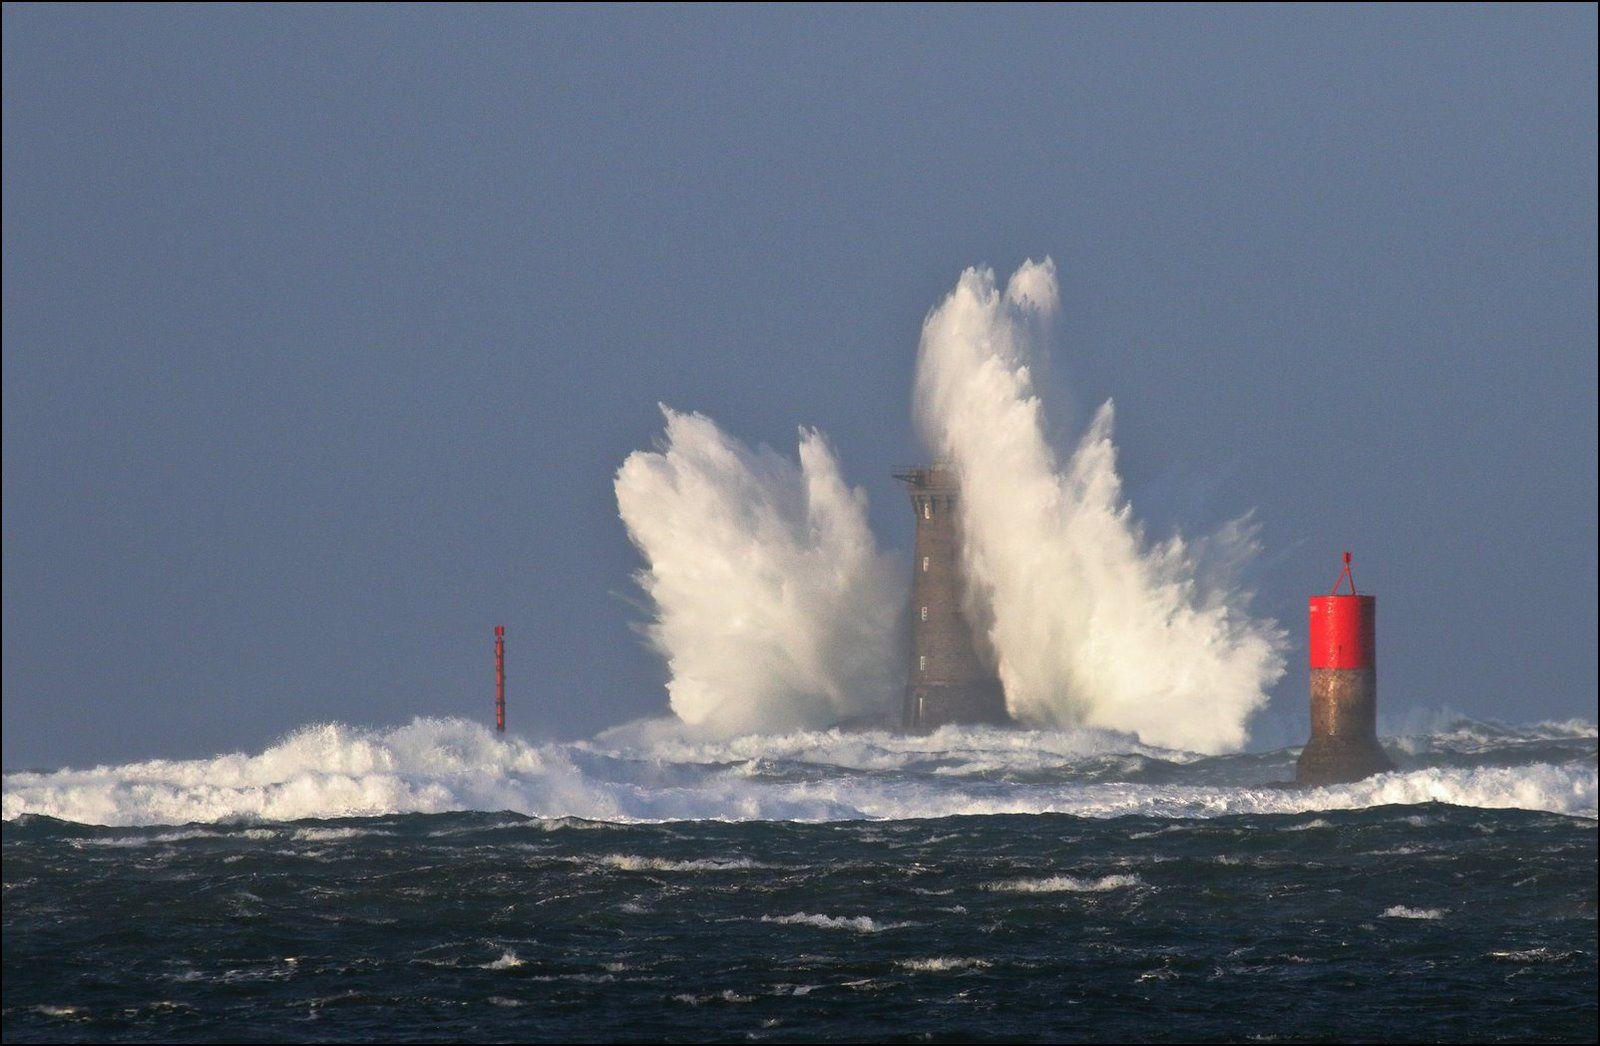 Coup de vent dimanche 9 décembre: Phare du Four et balise Brividic